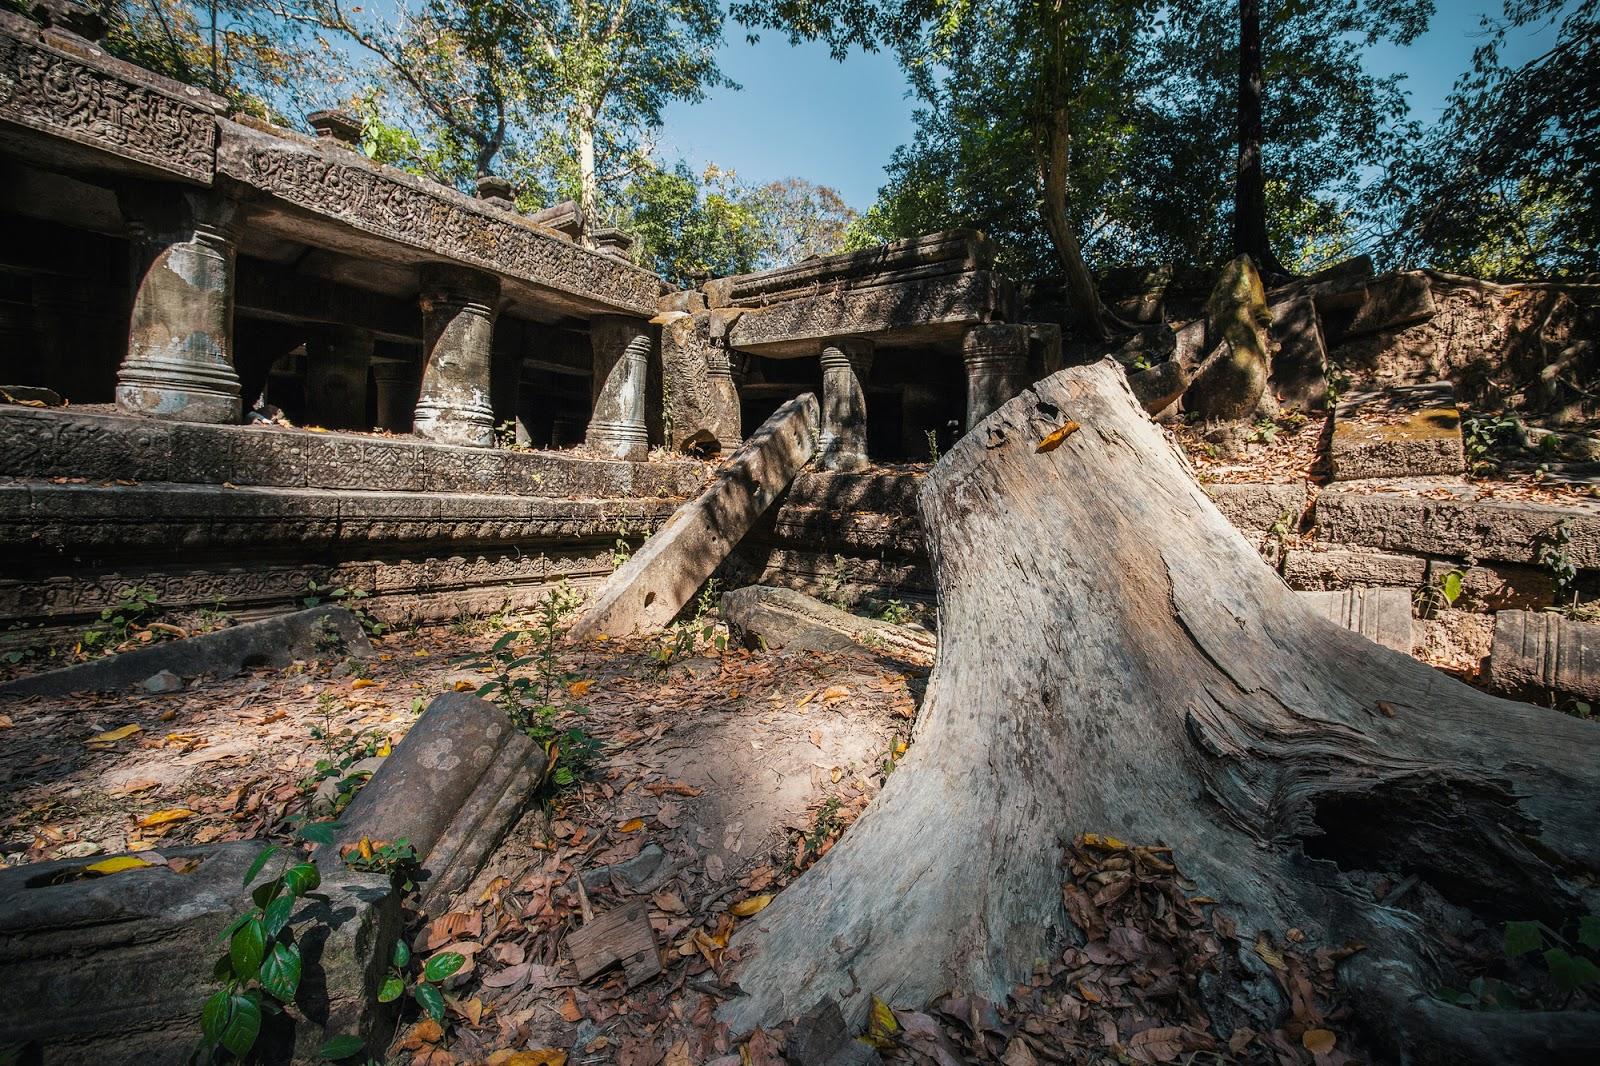 柬埔寨高棉黑魔法佛牌圣物: 吳哥秘境:崩密列